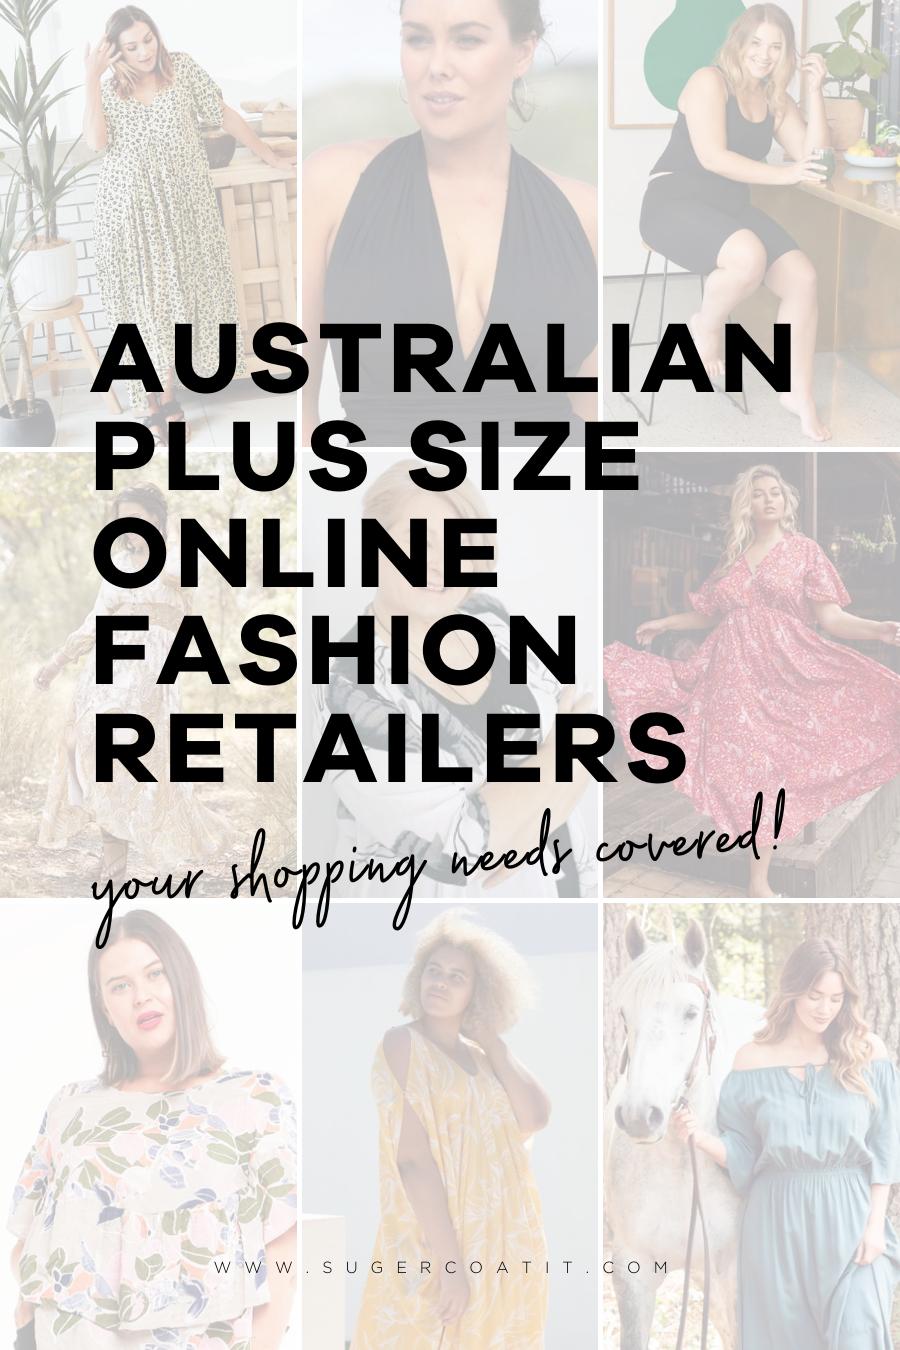 Australian Plus Size Fashion Retailers - Suger Coat It